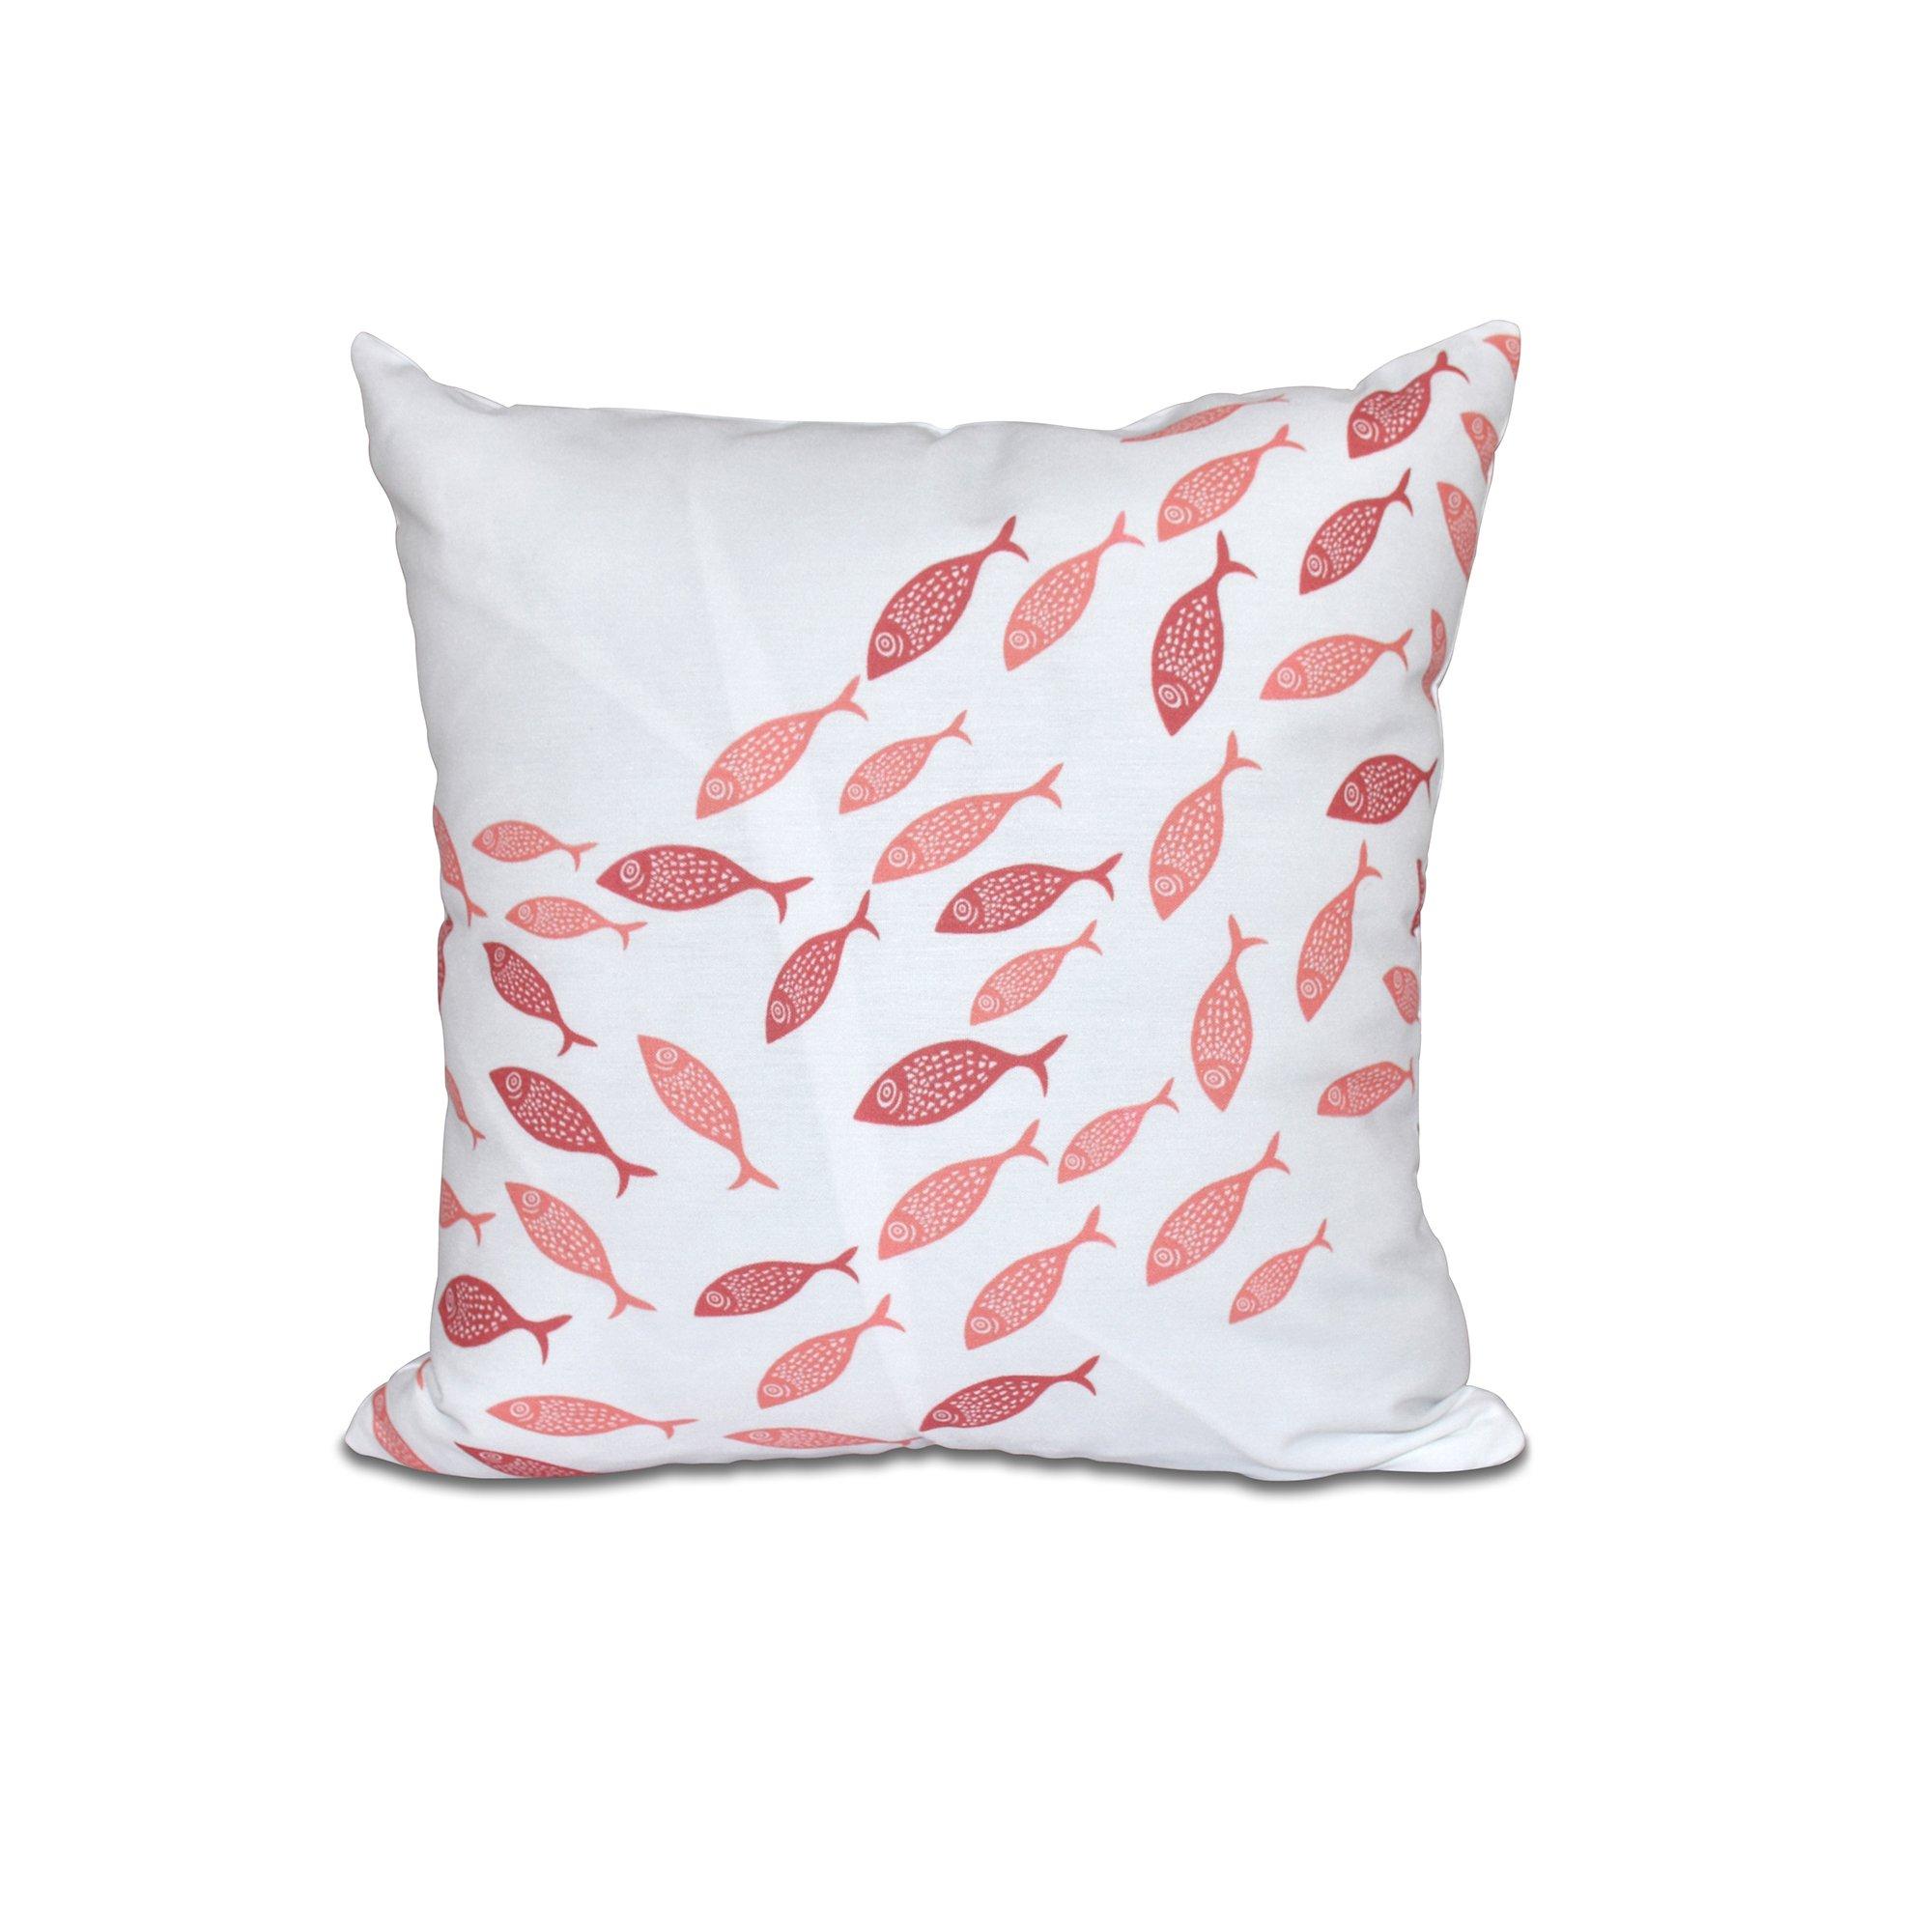 E by design 20 x 20 Escuela Animal Print Coral Pillow